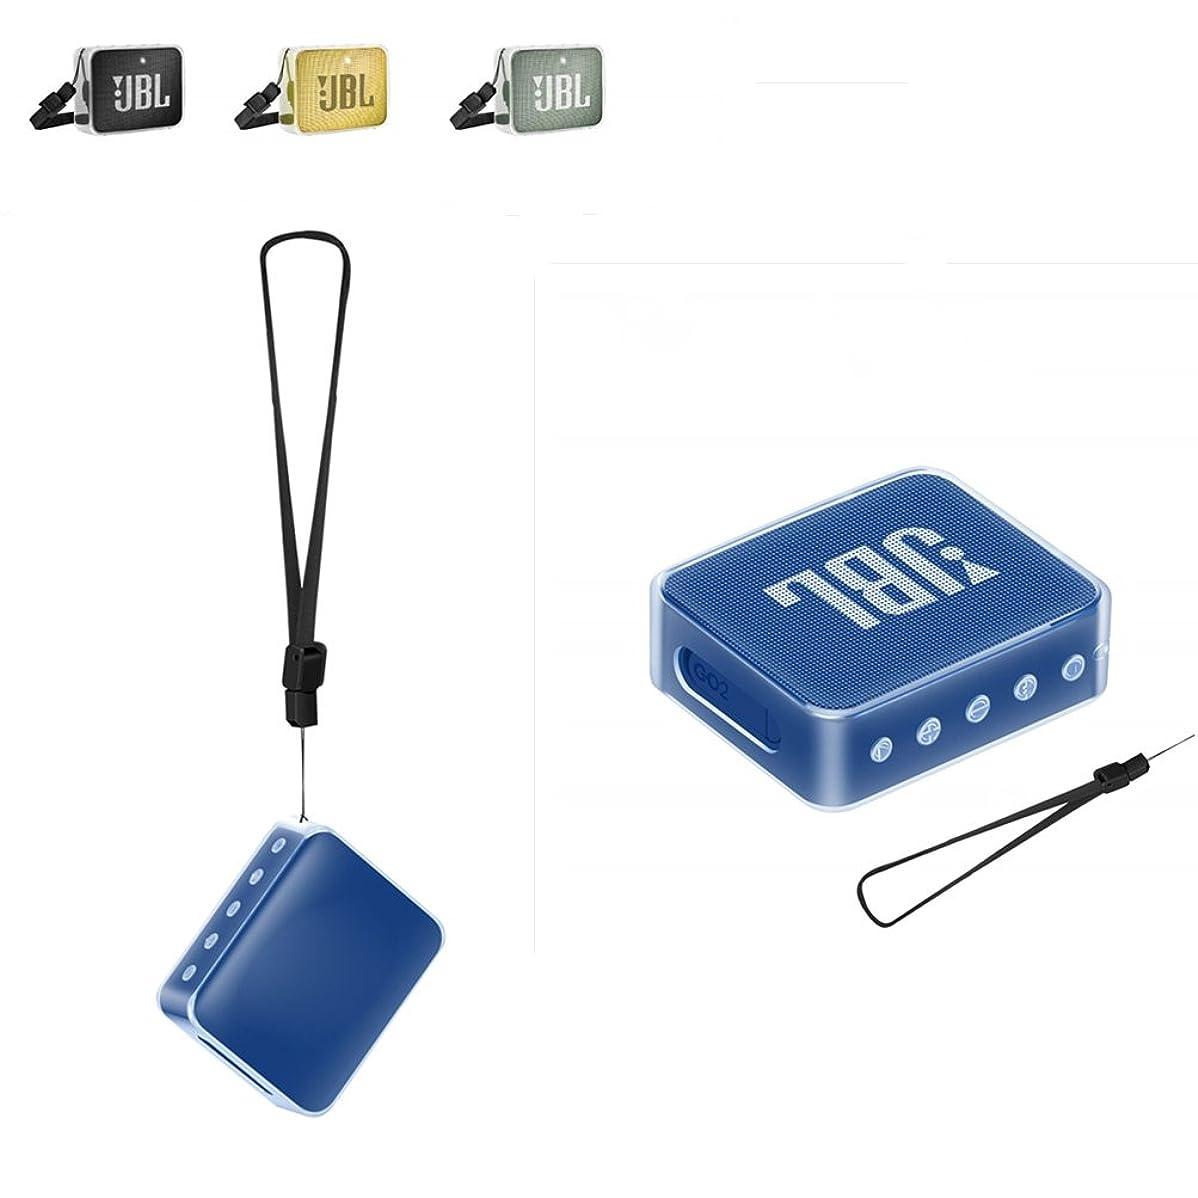 ノベルティブランドスピリチュアルSHEAWA JBL Go 2 ケース 保護ケース カバー クリアーケース ストラップ付き TPU 衝撃吸収 携帯便利 (透明)